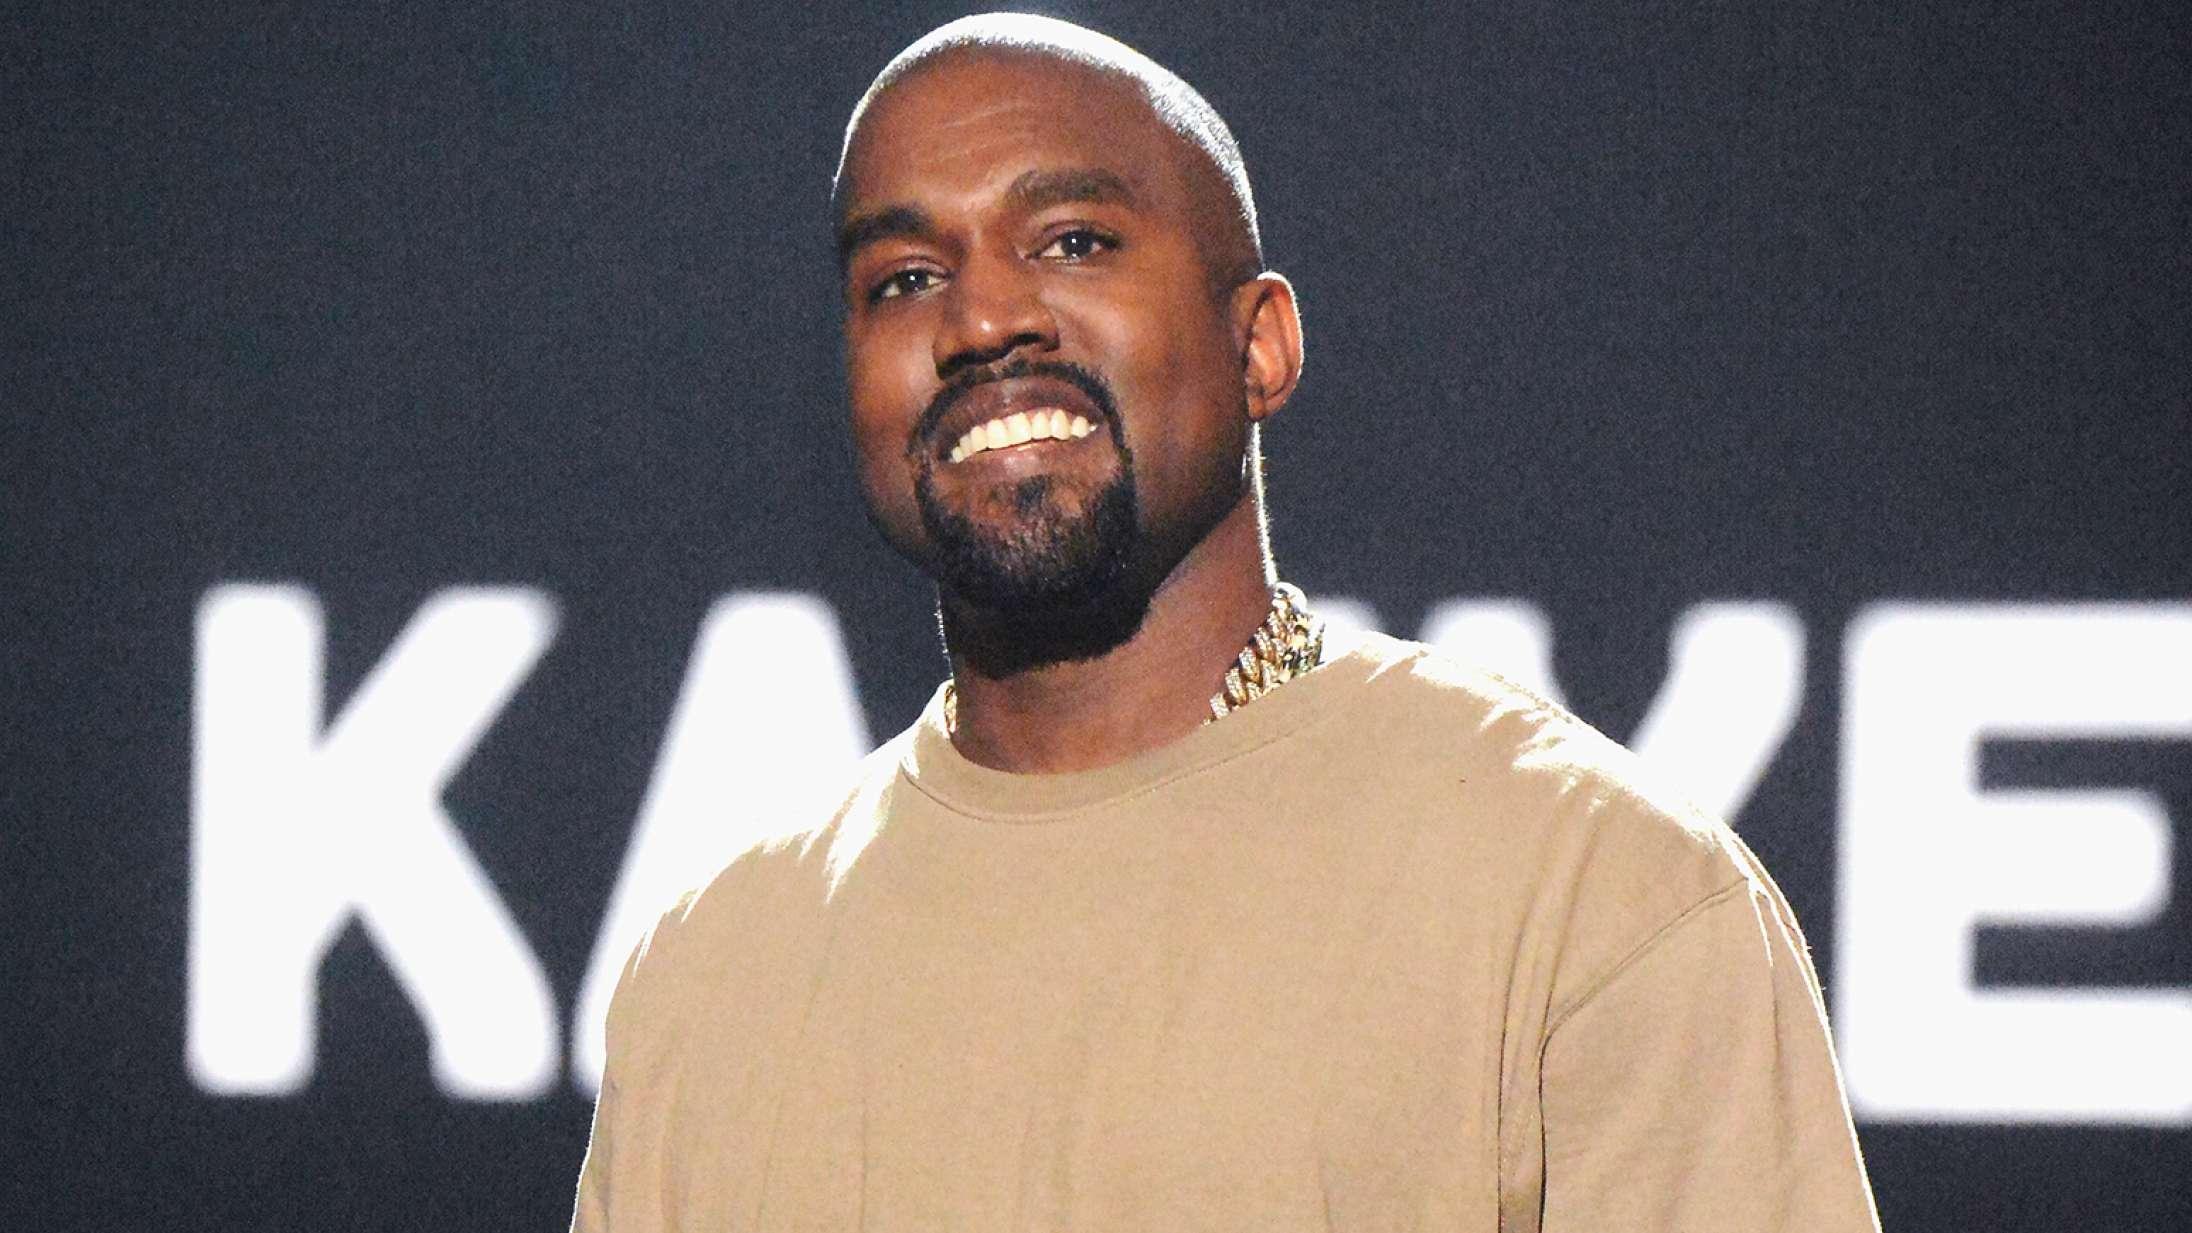 Rygterne svirrer: Nyt Kanye West-album lige om hjørnet?